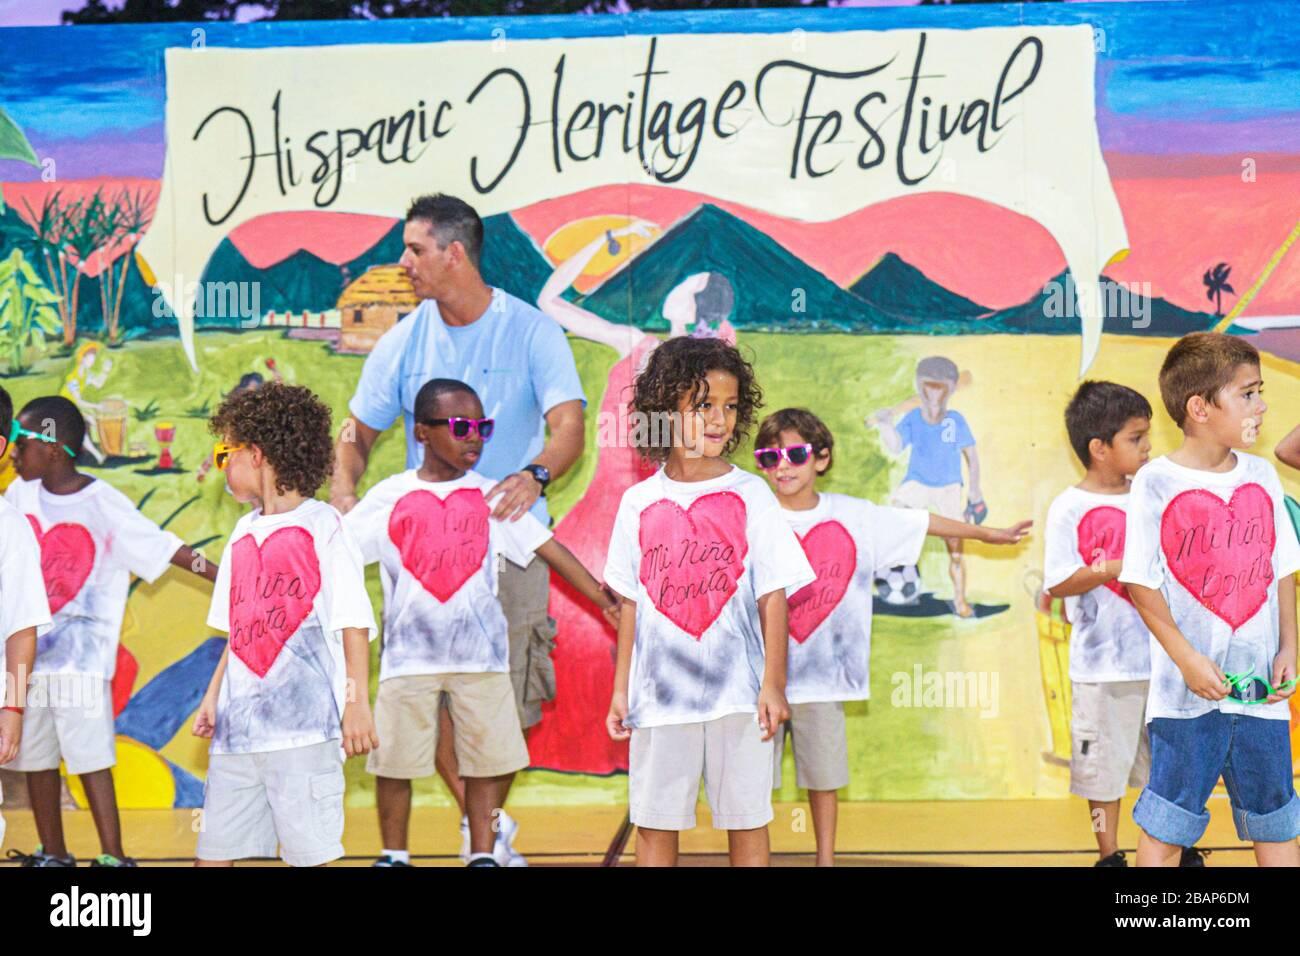 Miami Beach Florida North Beach Northshore Park Hispanic Heritage Festival Bühne Tanz Tänzer tanzen junge Kindergarten 1. Tannen Stockfoto